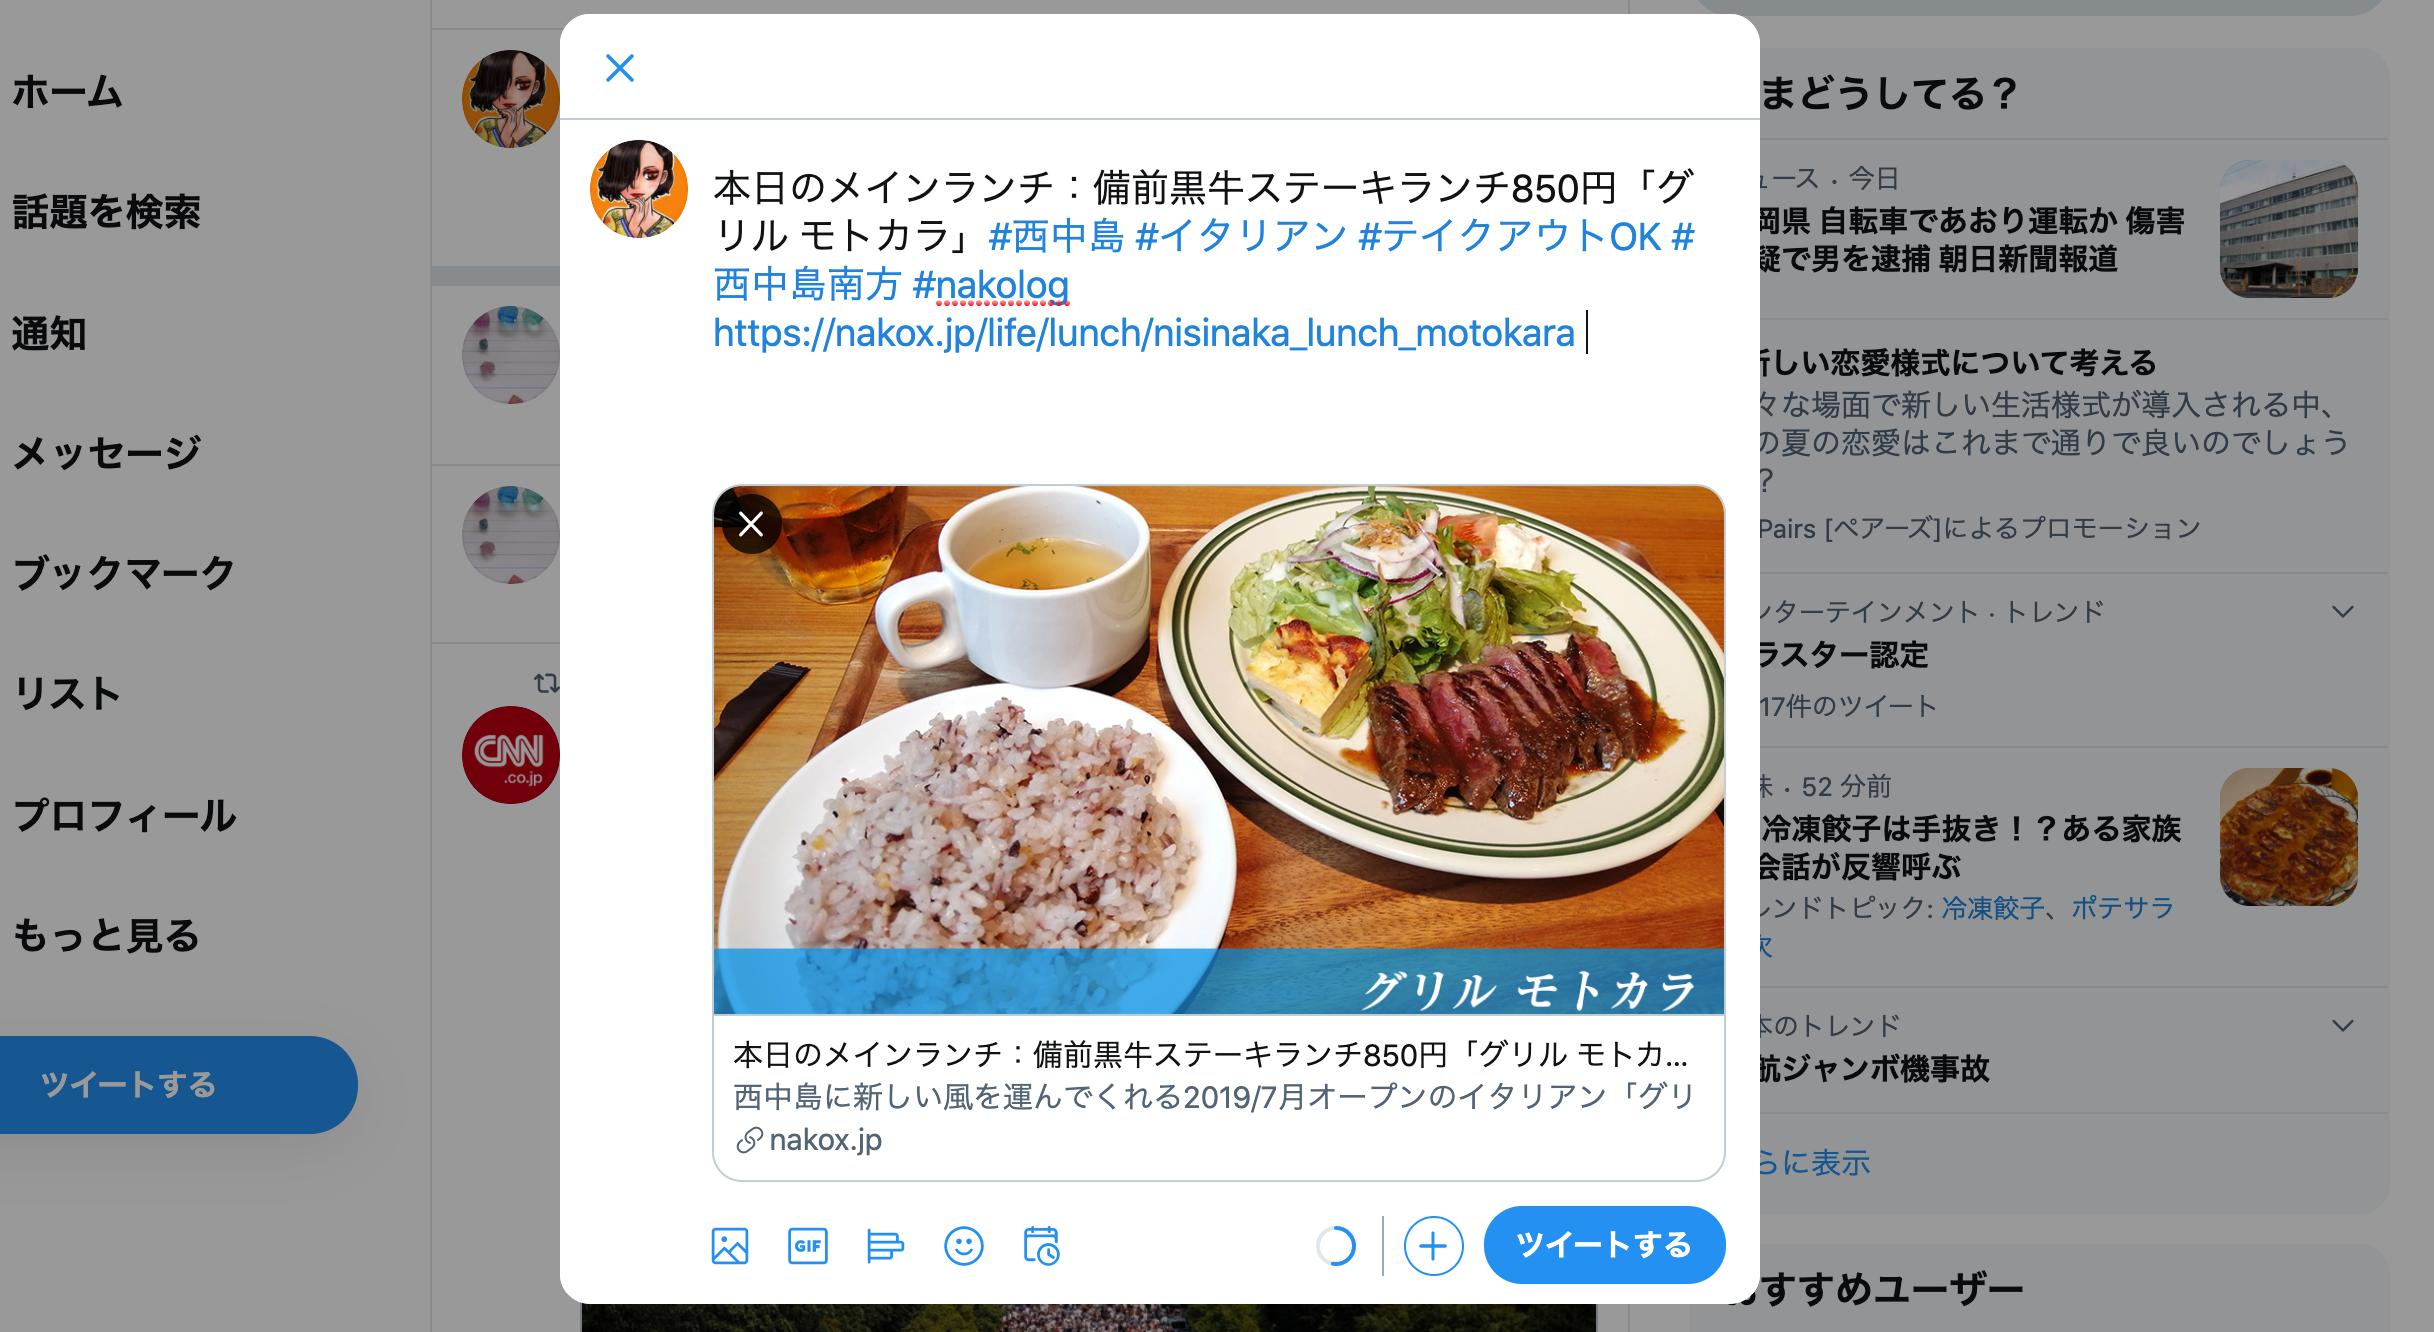 【WordPress】Twitterのシェアボタンを押した時、その記事のカテゴリーやタグを自動で #ハッシュタグ にする方法